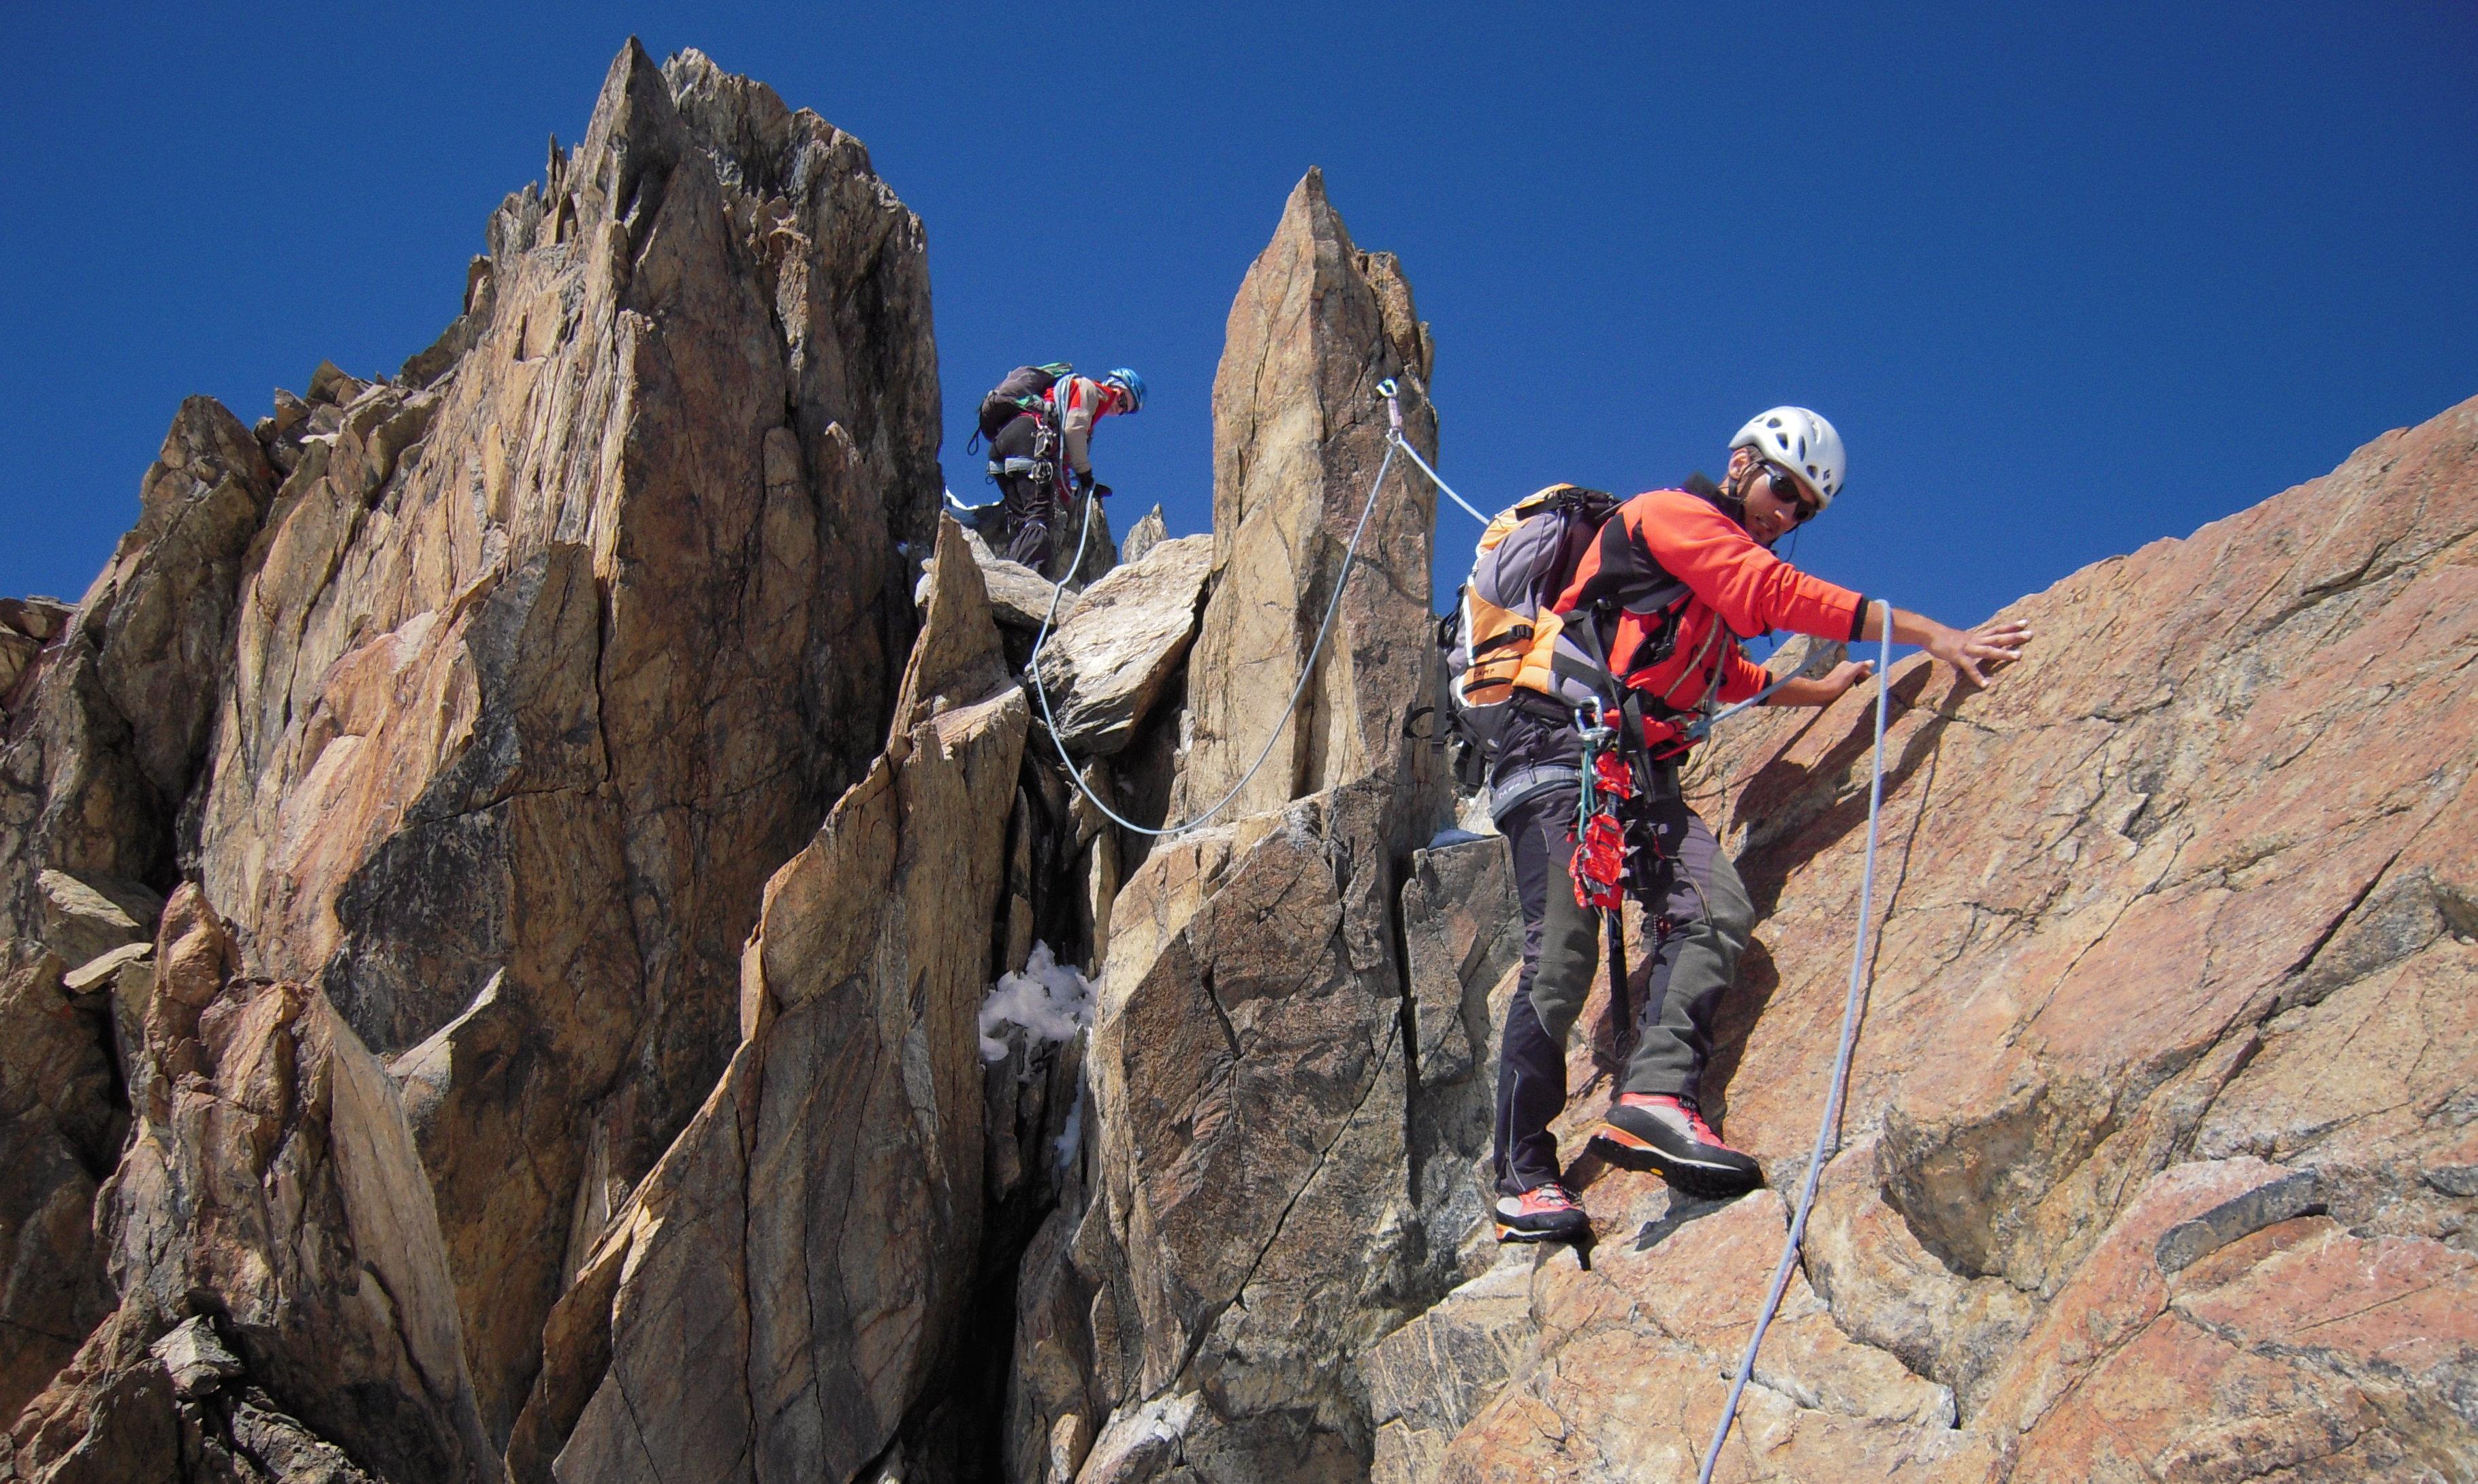 Alpinismo: attrezzarsi al meglio per fare sport in sicurezza